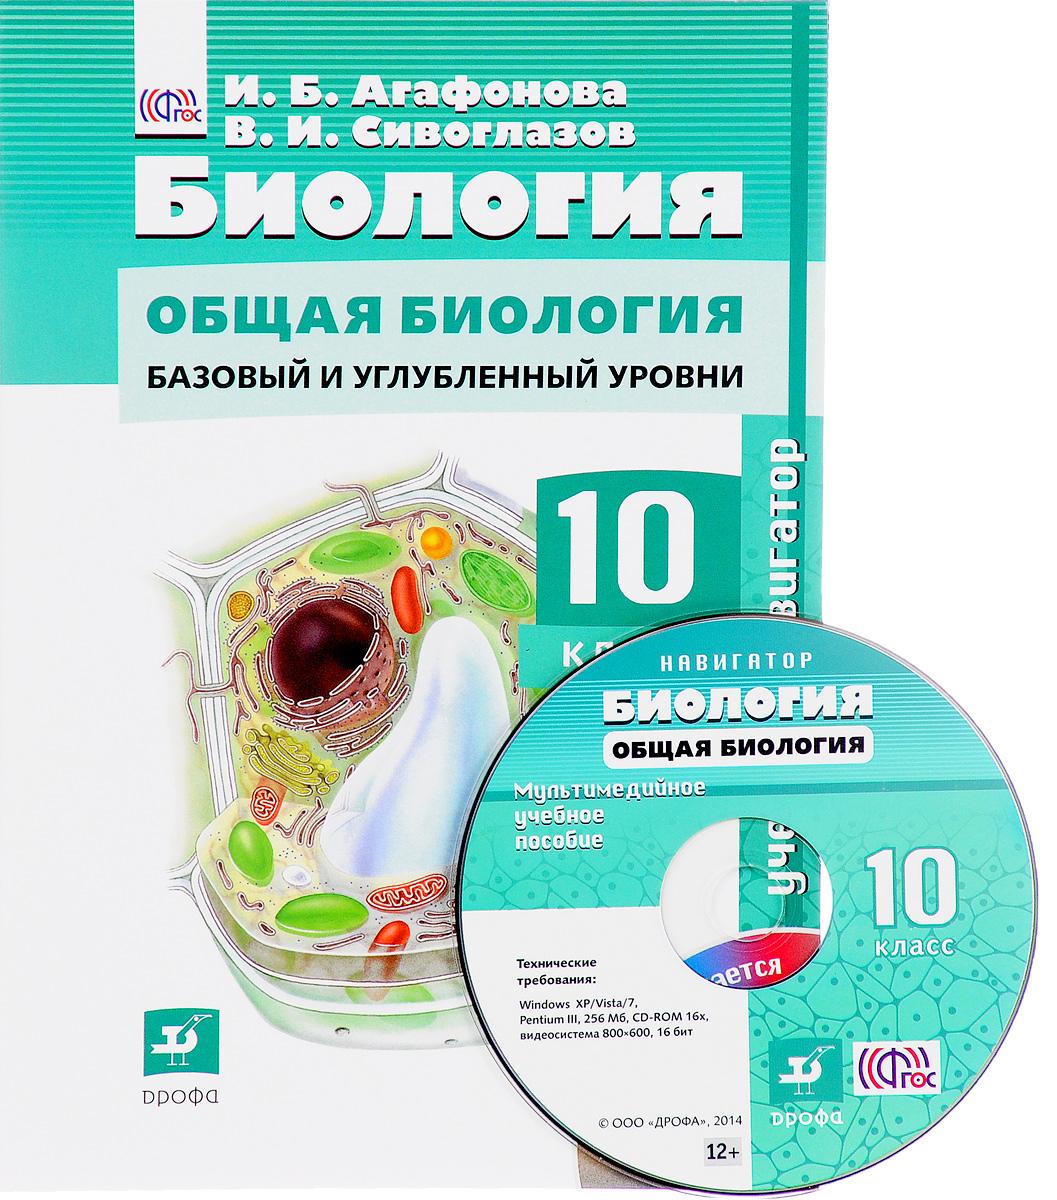 Биология. Общая биология. 10 класс. Базовый и углубленный уровни (+ CD)